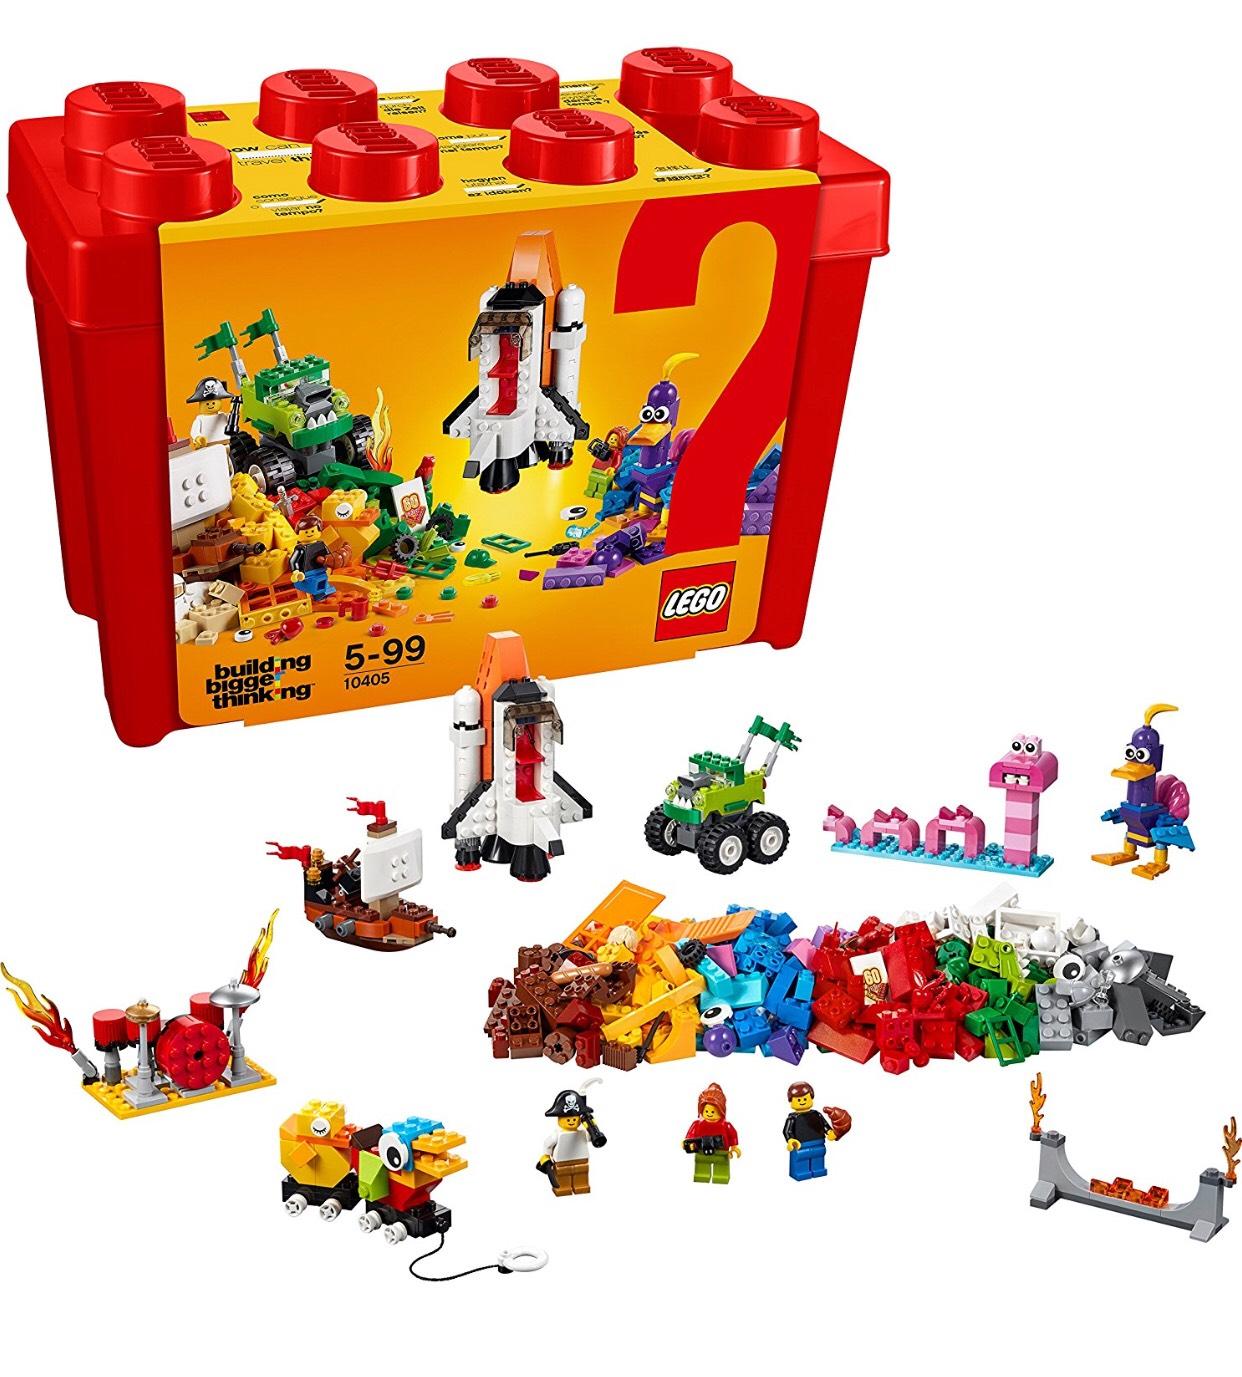 [Amazon UK] Lego Classic 10405 Marsmission